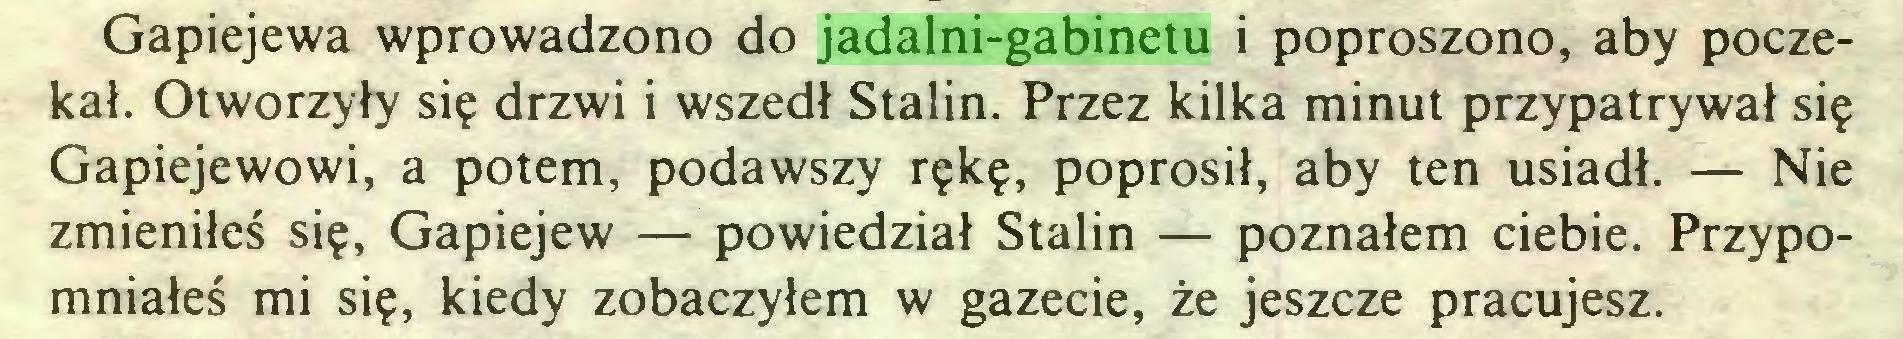 (...) Gapiejewa wprowadzono do jadalni-gabinetu i poproszono, aby poczekał. Otworzyły się drzwi i wszedł Stalin. Przez kilka minut przypatrywał się Gapiejewowi, a potem, podawszy rękę, poprosił, aby ten usiadł. — Nie zmieniłeś się, Gapiejew — powiedział Stalin — poznałem ciebie. Przypomniałeś mi się, kiedy zobaczyłem w gazecie, że jeszcze pracujesz...